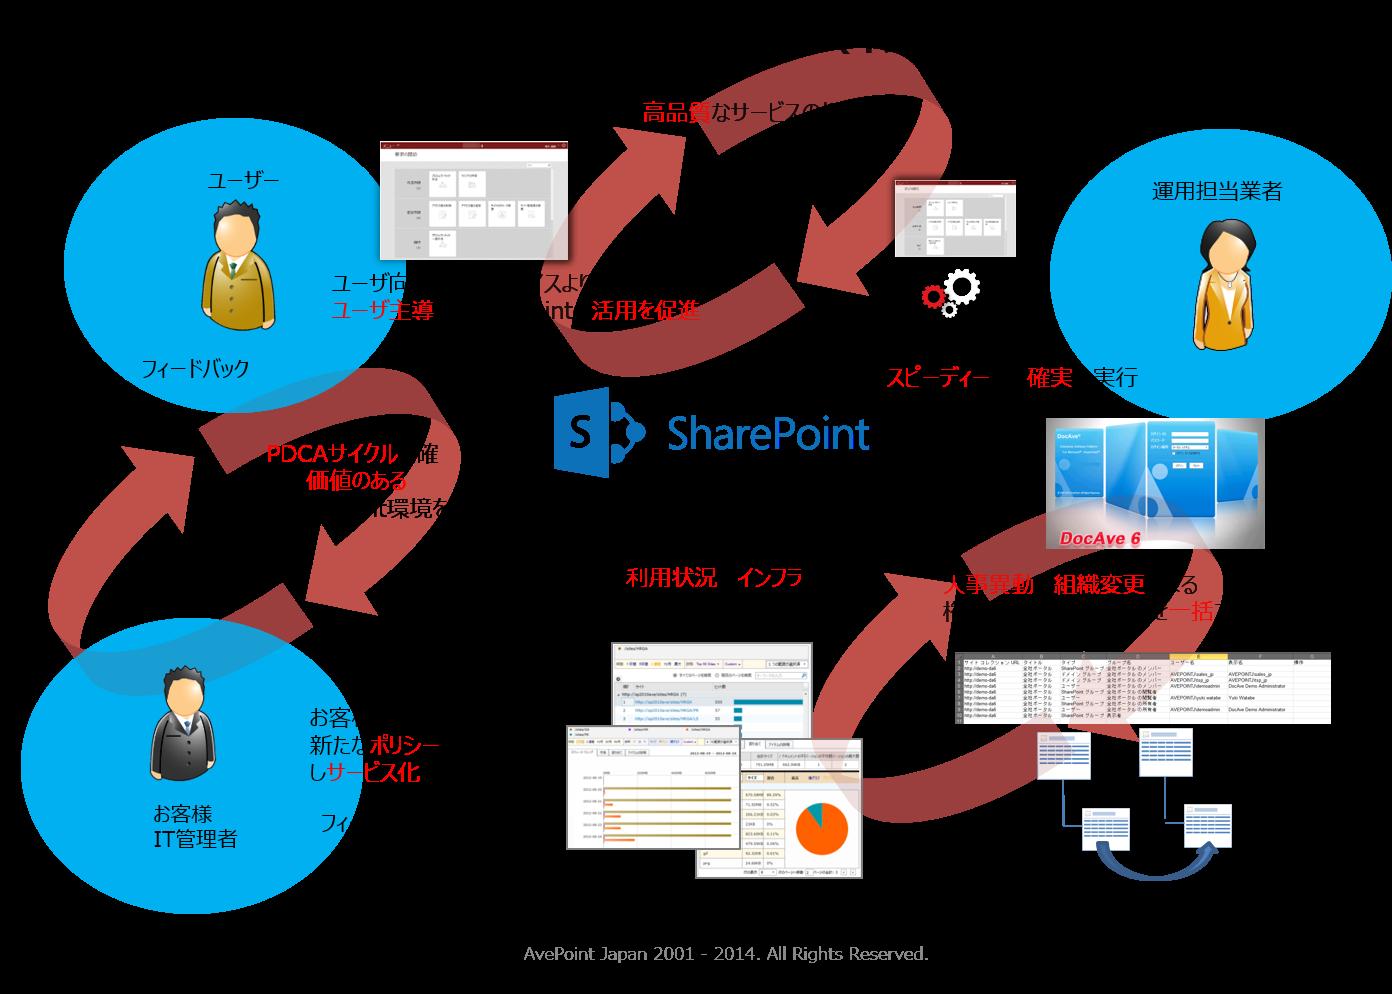 [図3 : 運用業務の担当:IT 担当者の手が足りない、サービスメニュー設定運用会社へ運用譲渡する場合]